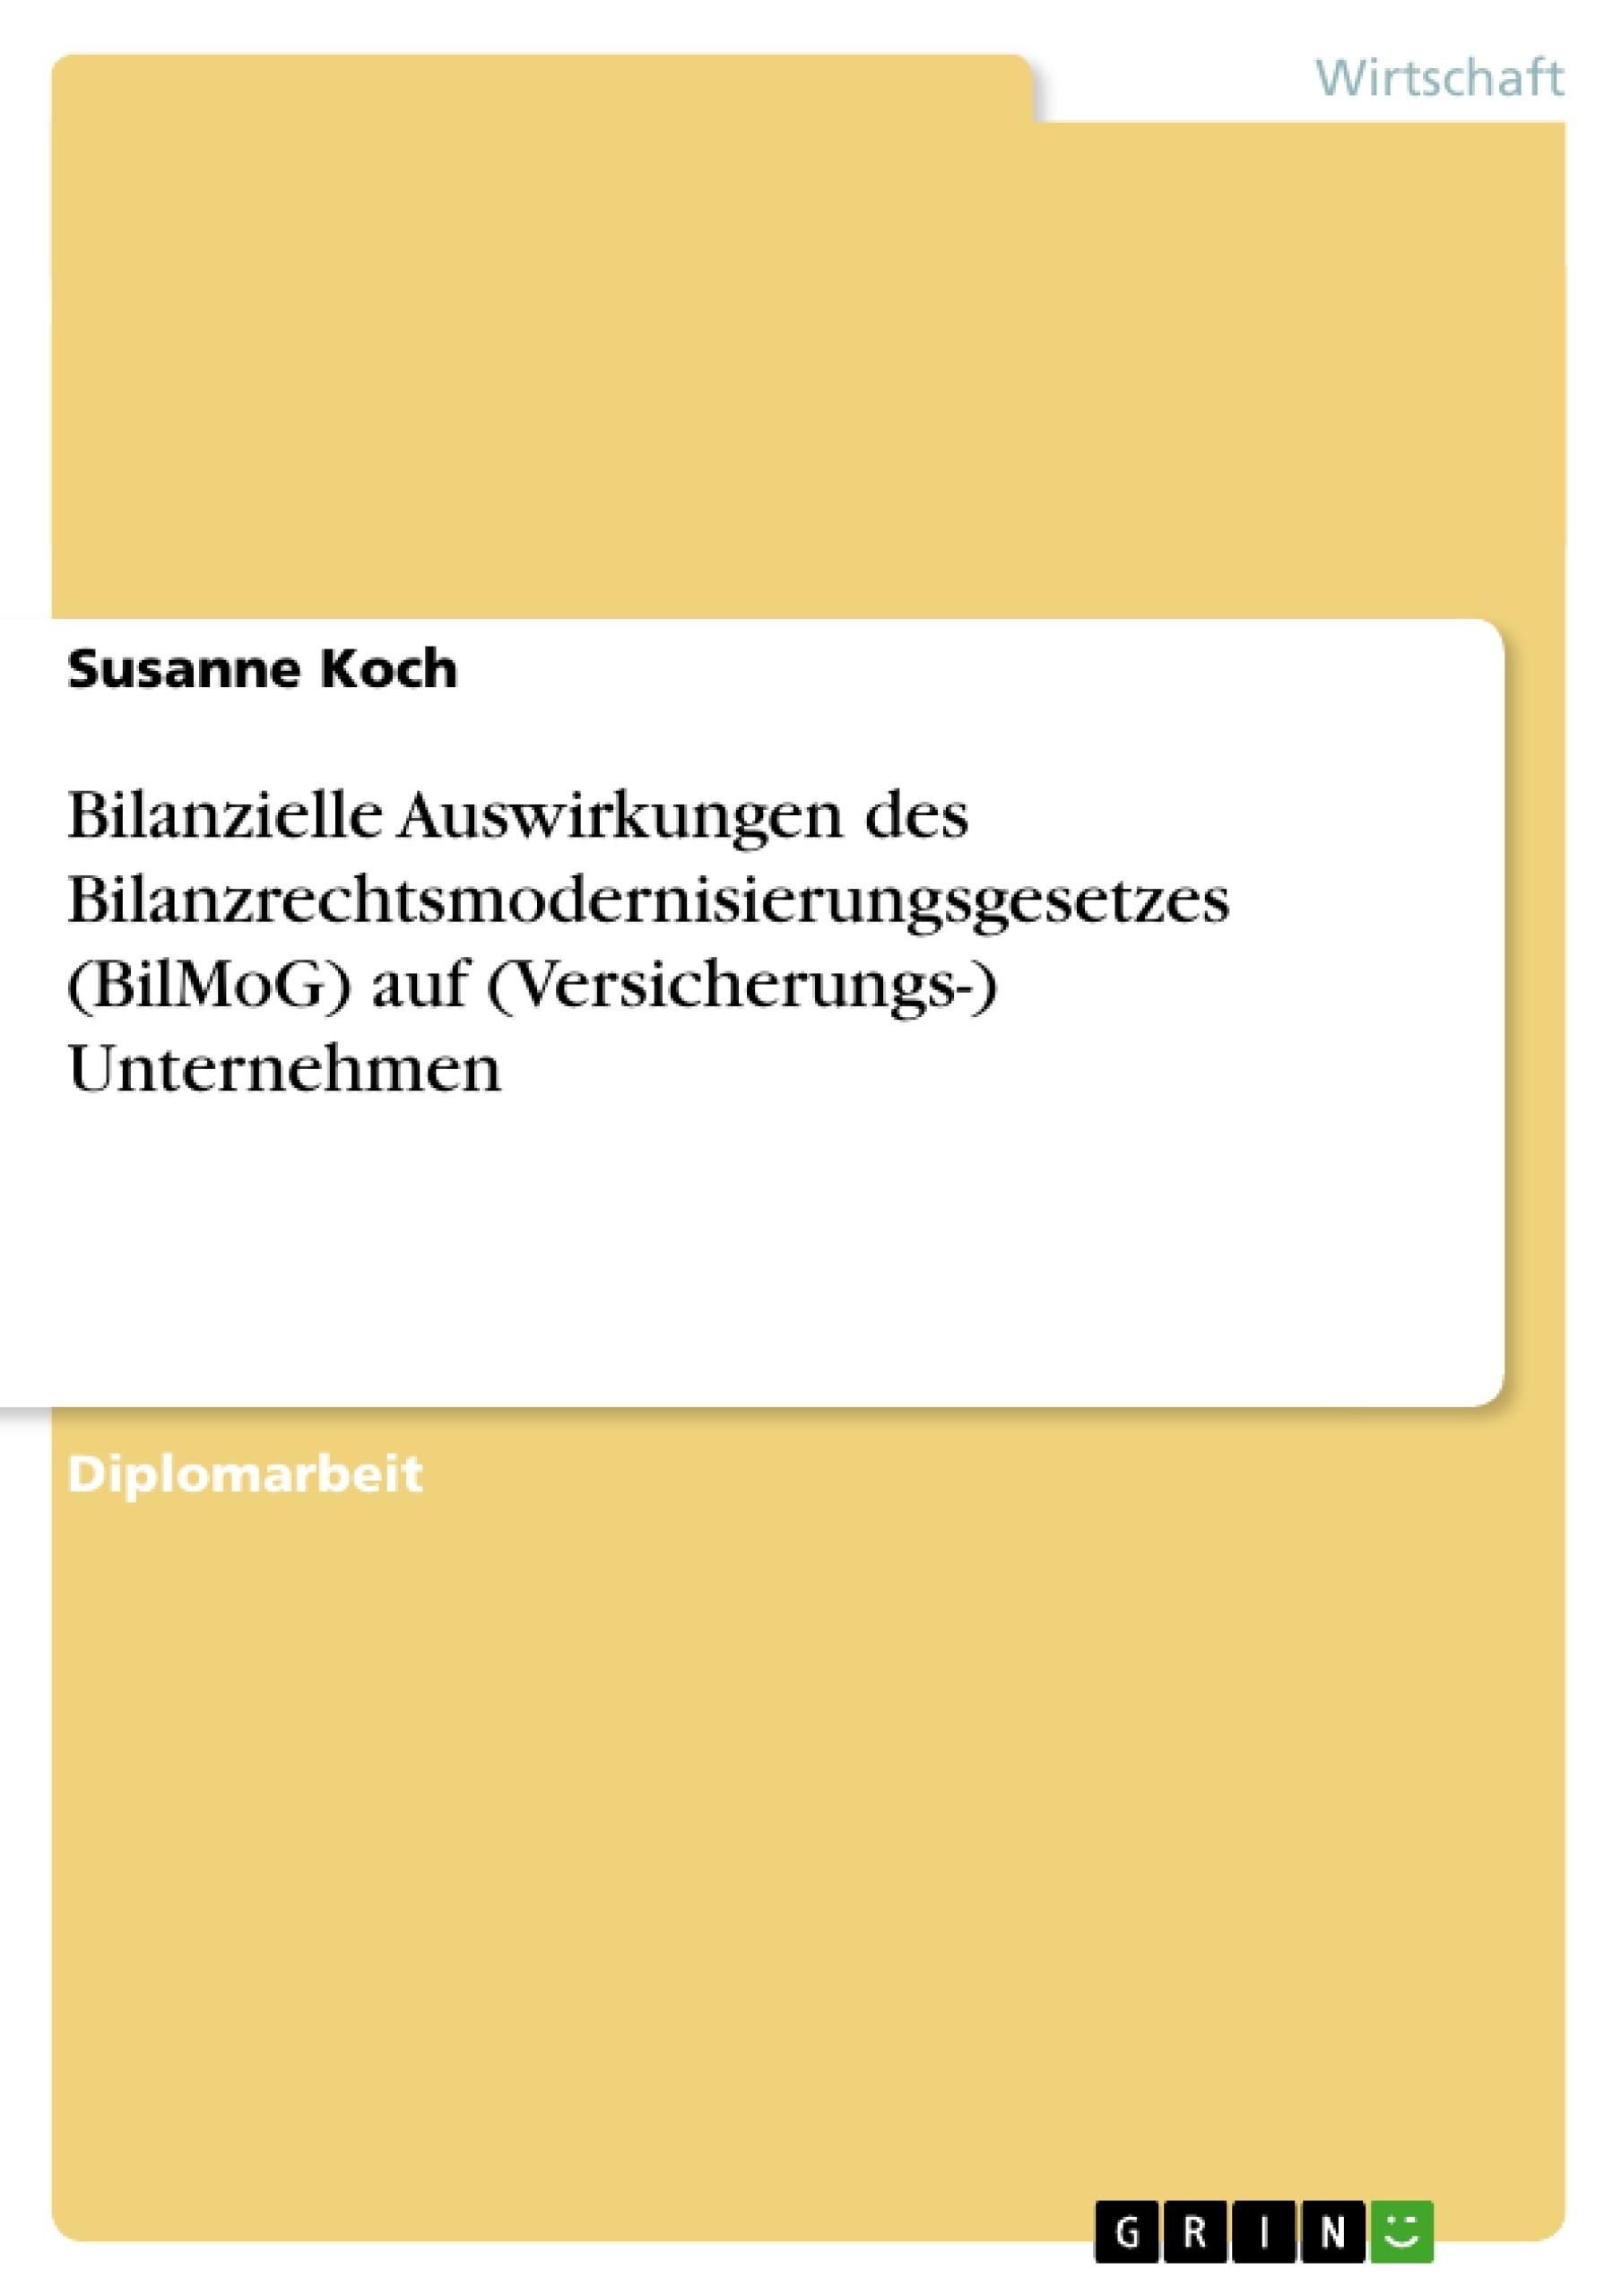 Titel: Bilanzielle Auswirkungen des Bilanzrechtsmodernisierungsgesetzes (BilMoG) auf (Versicherungs-) Unternehmen